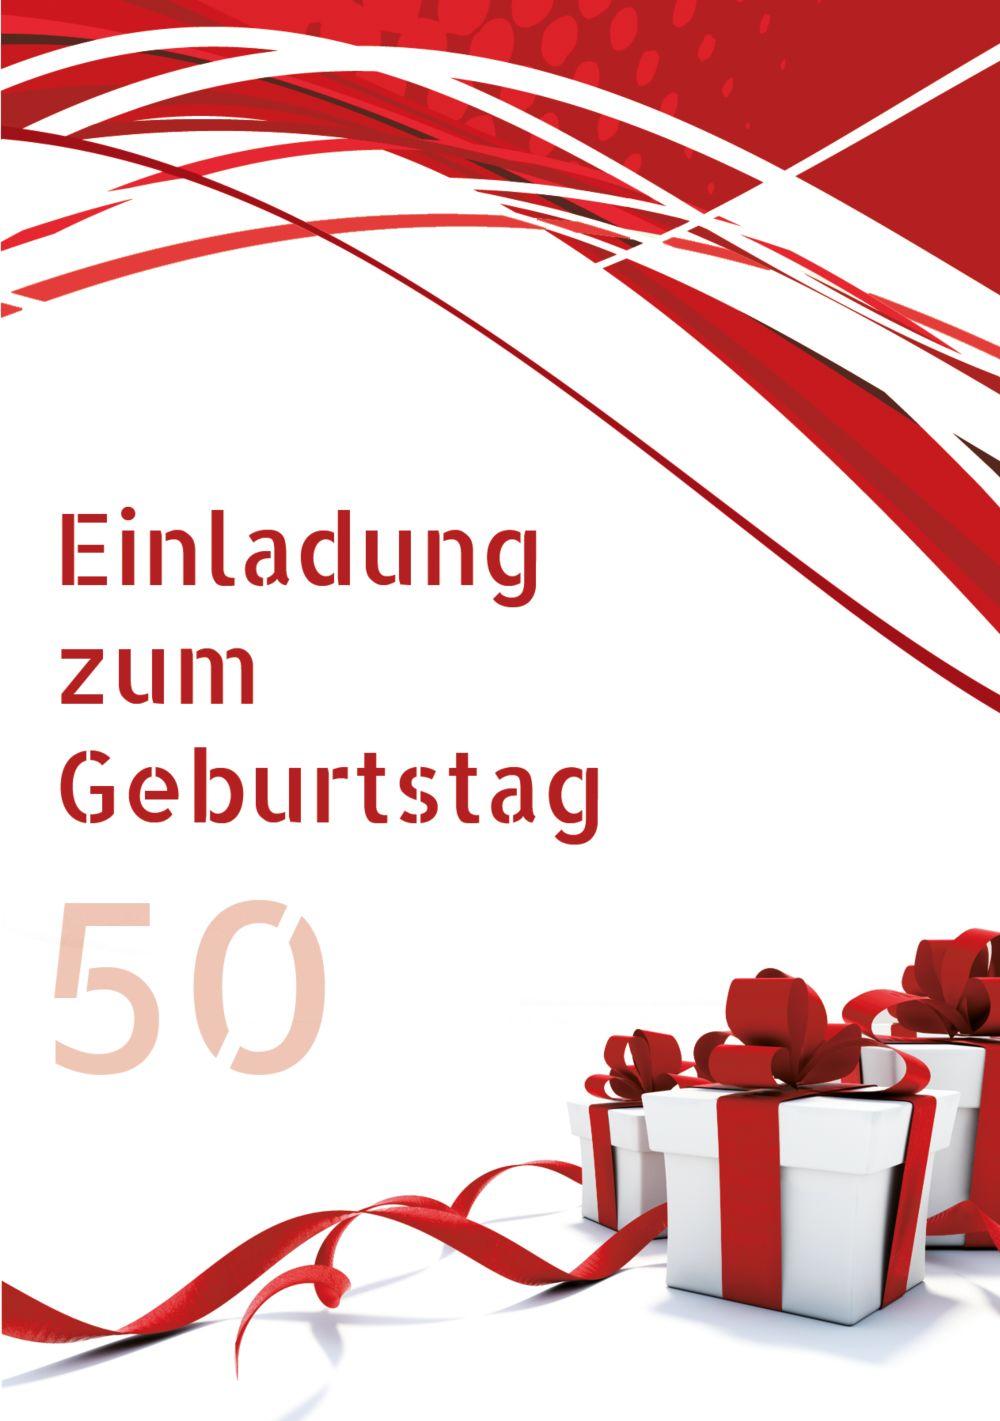 Ansicht 3 - Geburtstag Schleifenband 50 Foto